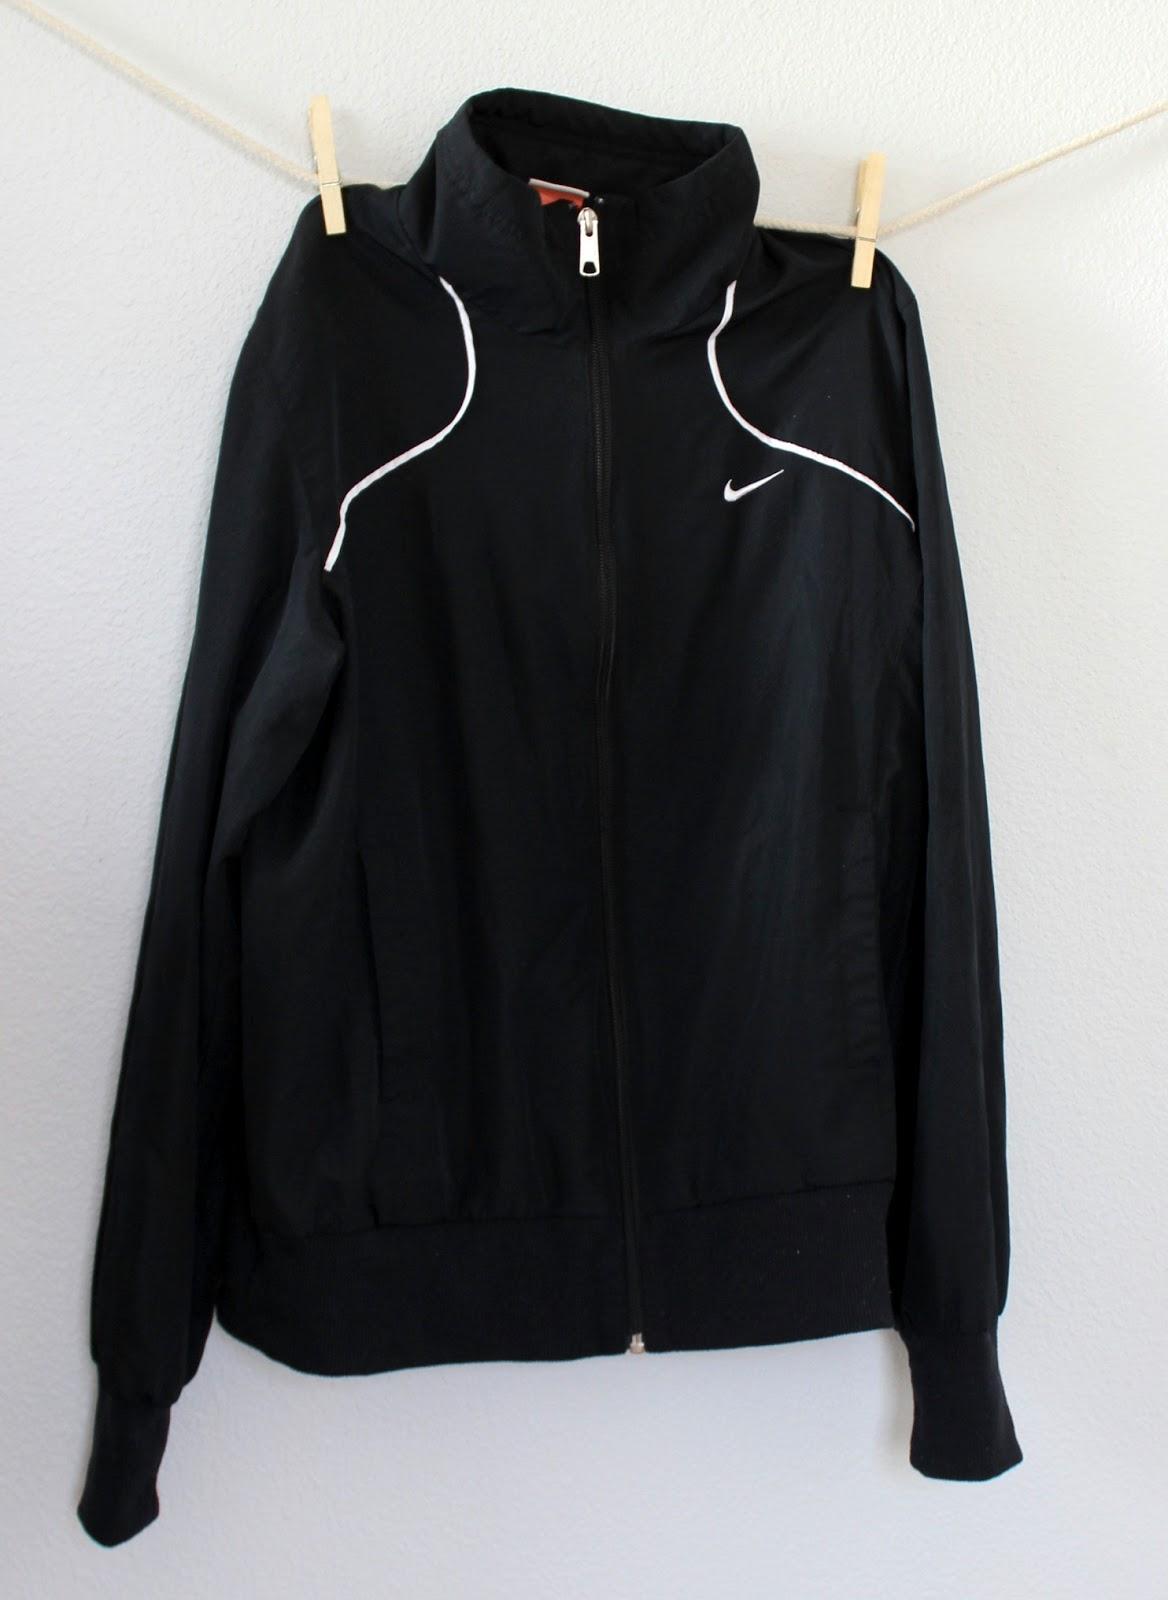 thrifted nike jacket